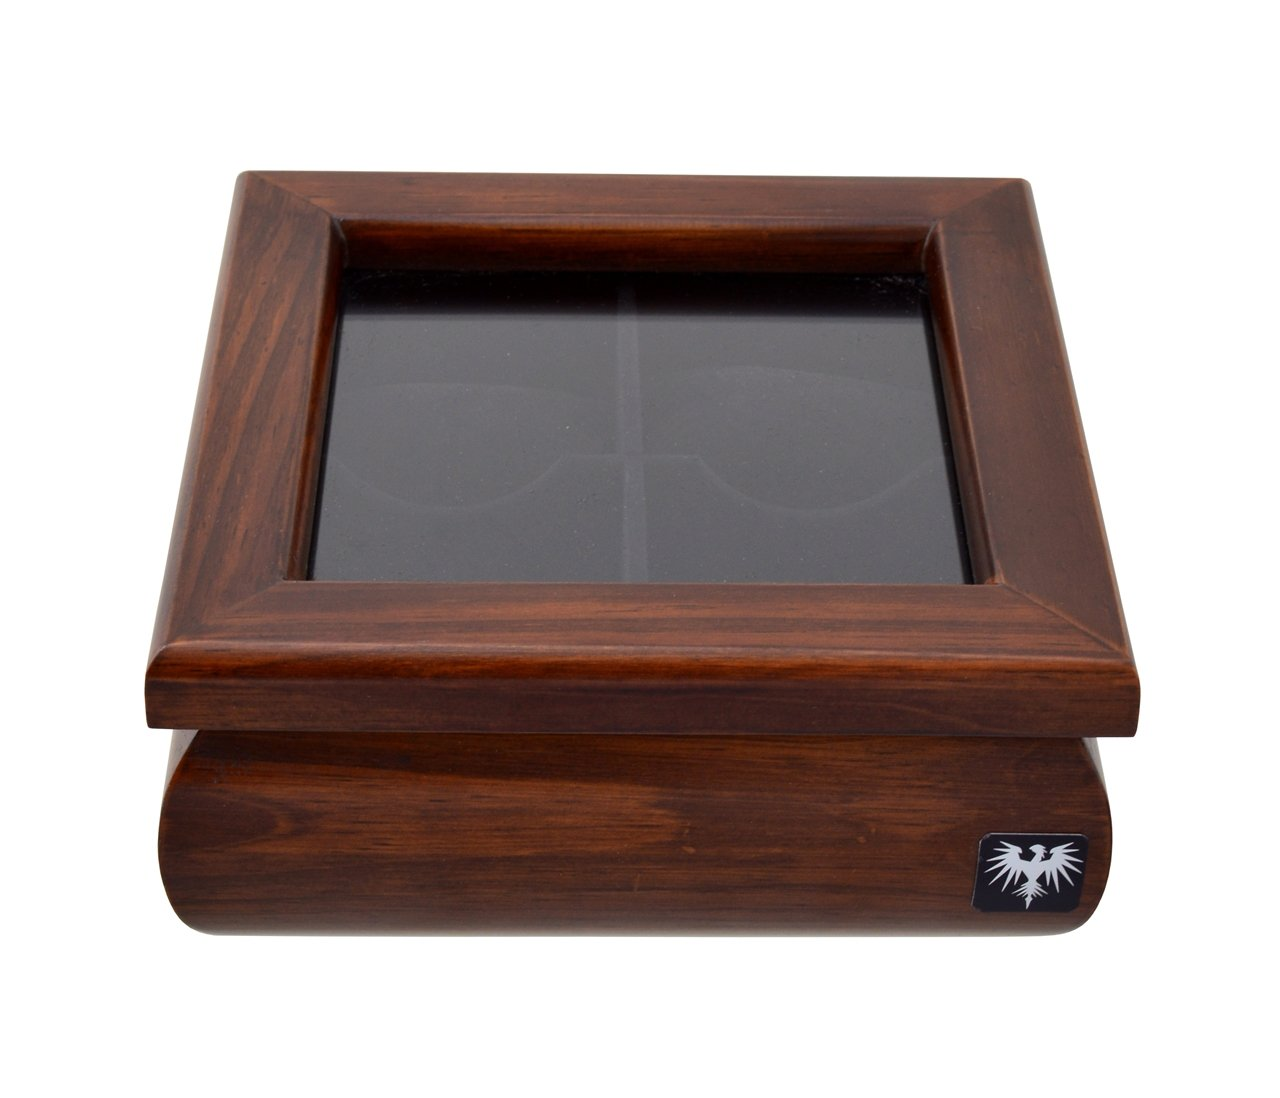 estojo-porta-relogio-4-nichos-madeira-macica-oval-tabaco-preto-2x2-imagem-5.JPG